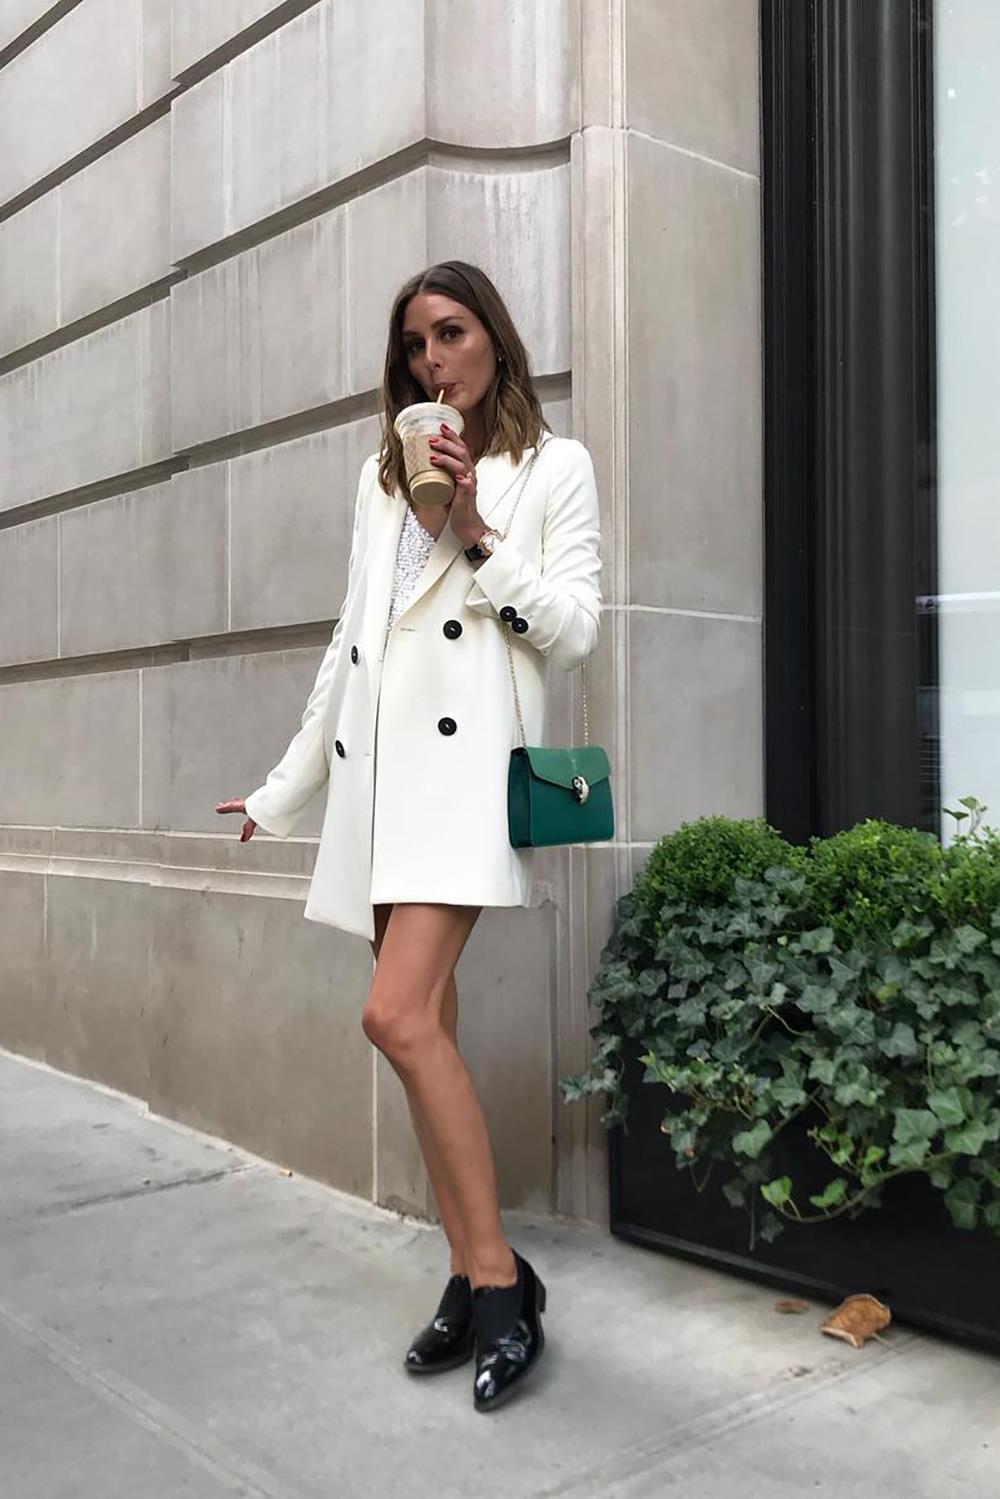 75e132bd Nos hemos recorrido Instagram en busca de los accesorios y zapatos más  populares de la temporada Otoño/Invierno 2018-2019 y sí, los hemos  encontrado.